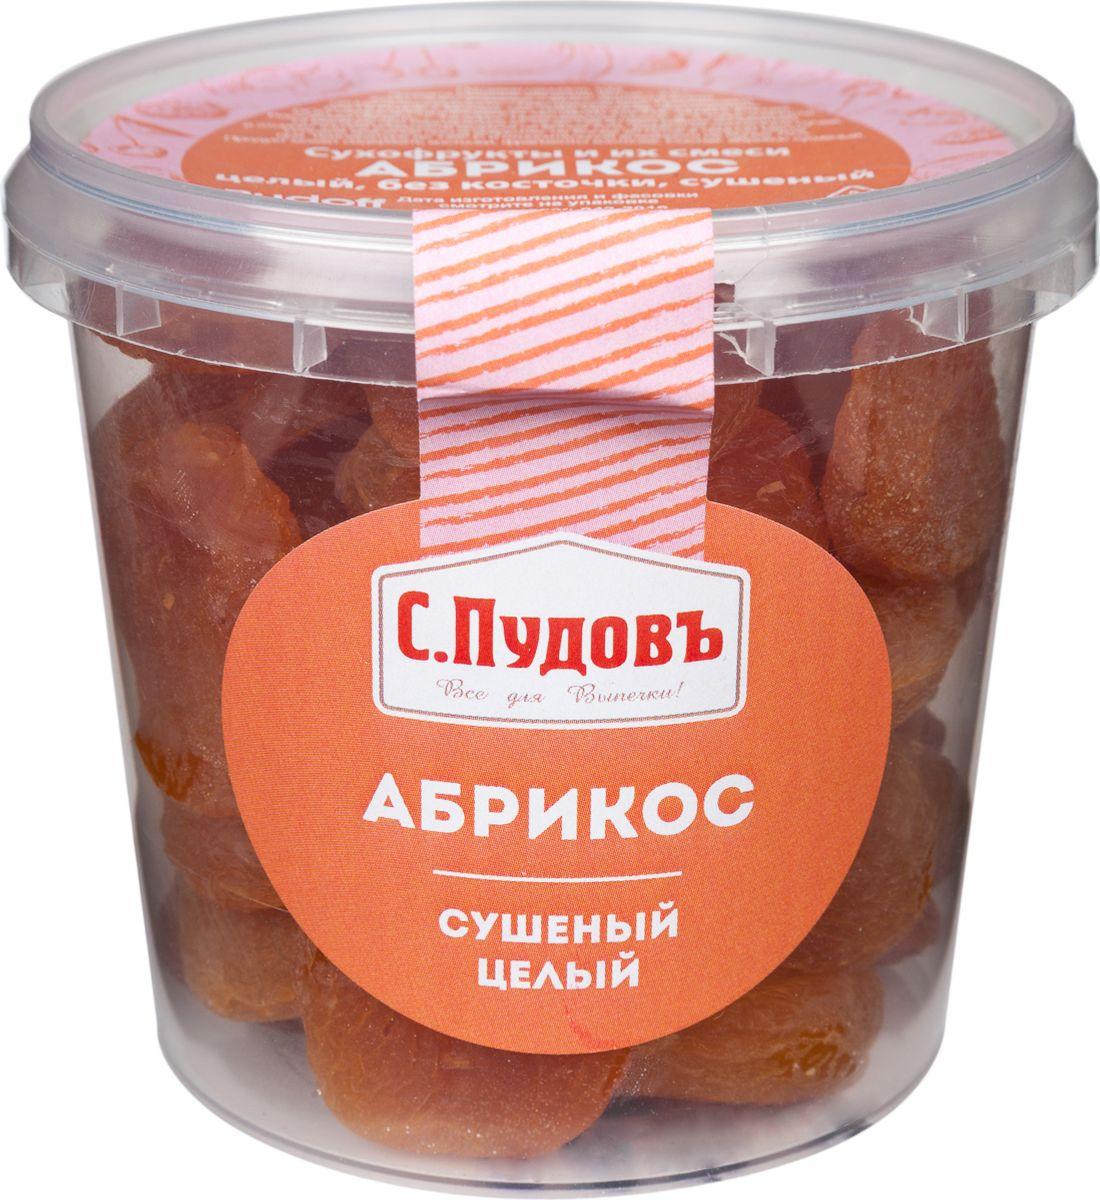 Пудовъ абрикос сушеный целый, 250 г0120710Сушеные абрикосы от торговой марки С. Пудовъ обладают высокими вкусовыми качествами, быстро утоляют чувство голода, обогащают организм витаминами и микроэлементами. Это не только очень вкусный, но и необыкновенно полезный продукт.